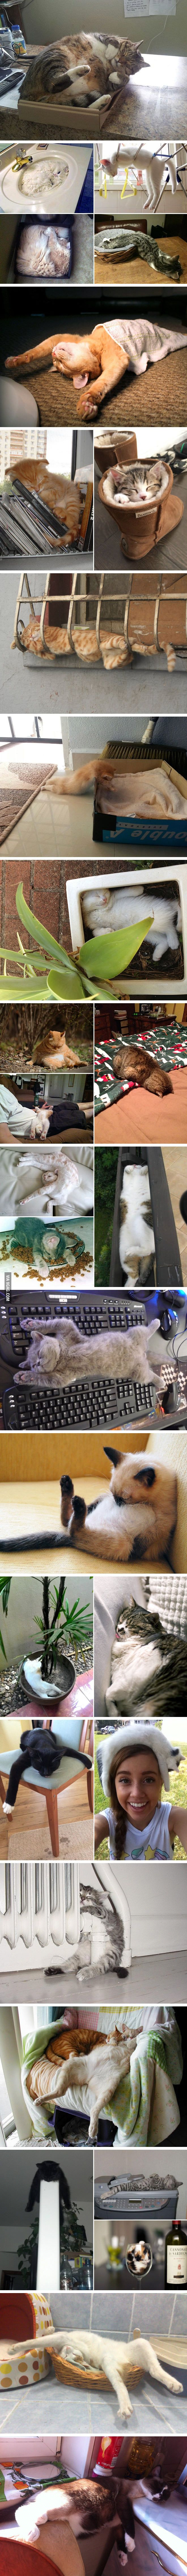 Einem jedem Kätzchen sein Plätzchen...